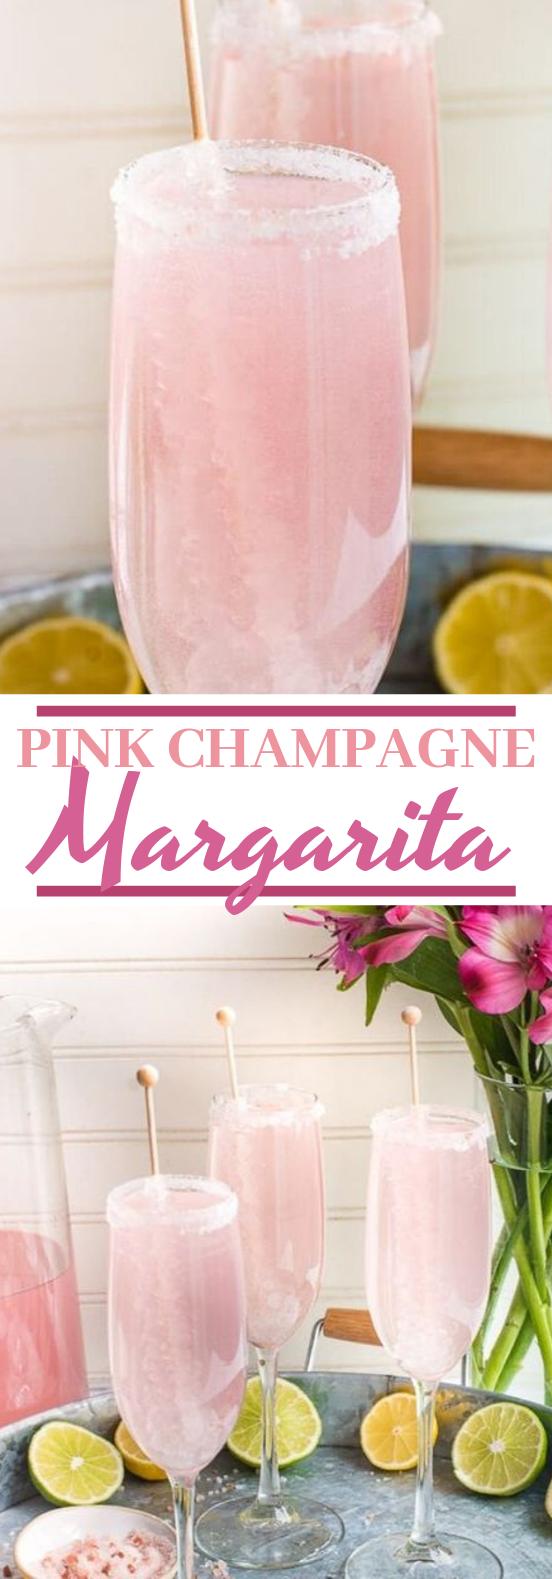 Pink Champagne Margarita #drinks #cocktails #party #beverages #brunch